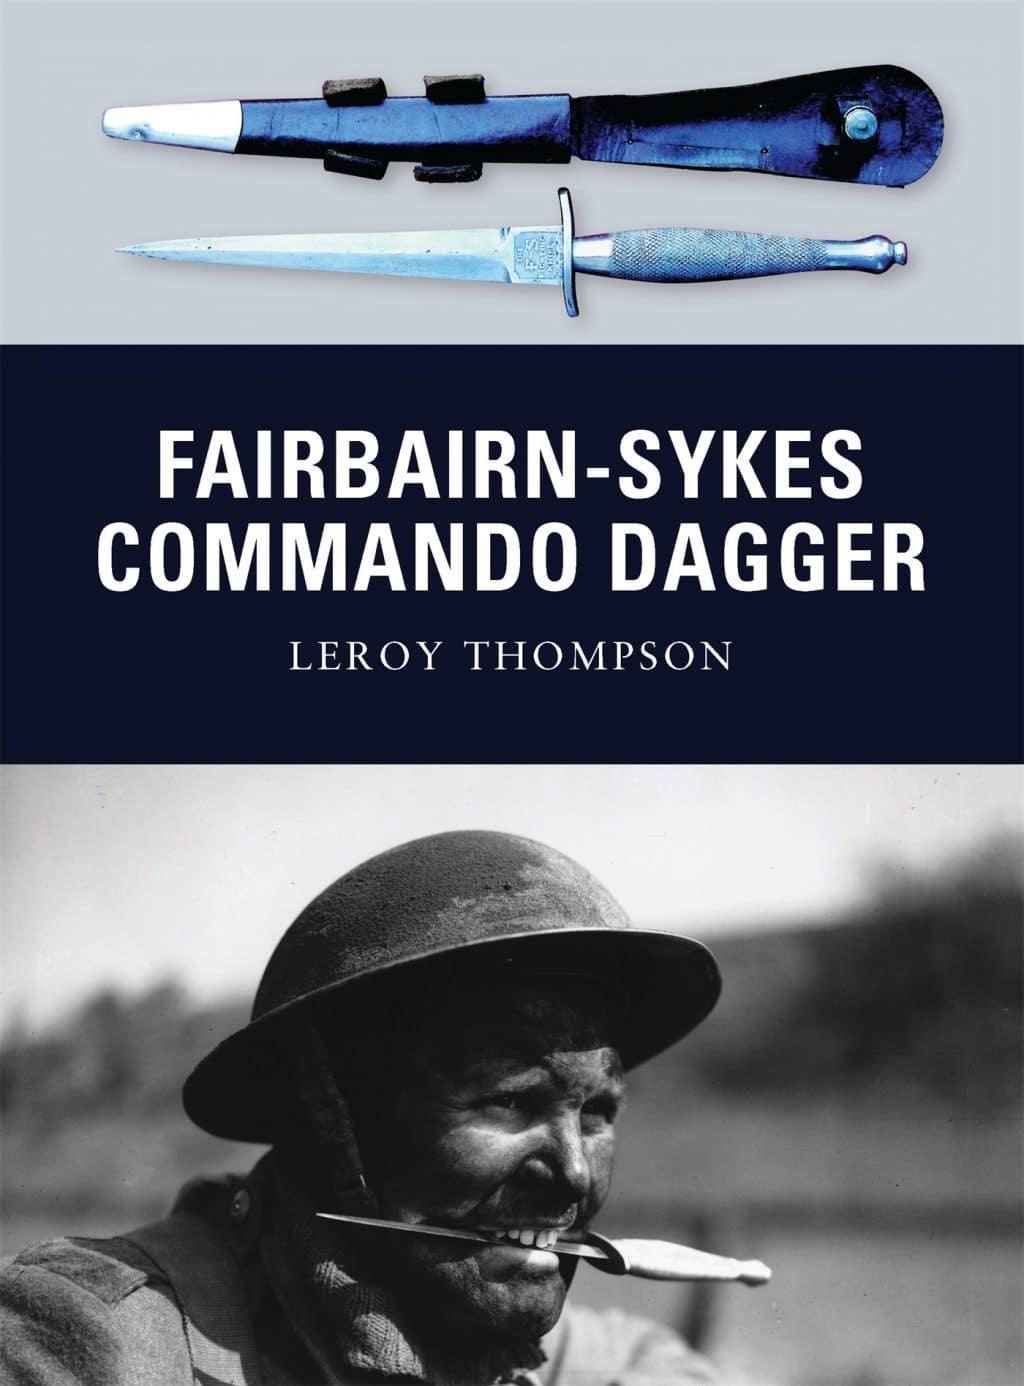 Fs Dolch Commando Dagger Kampfmesser Kaufen Net